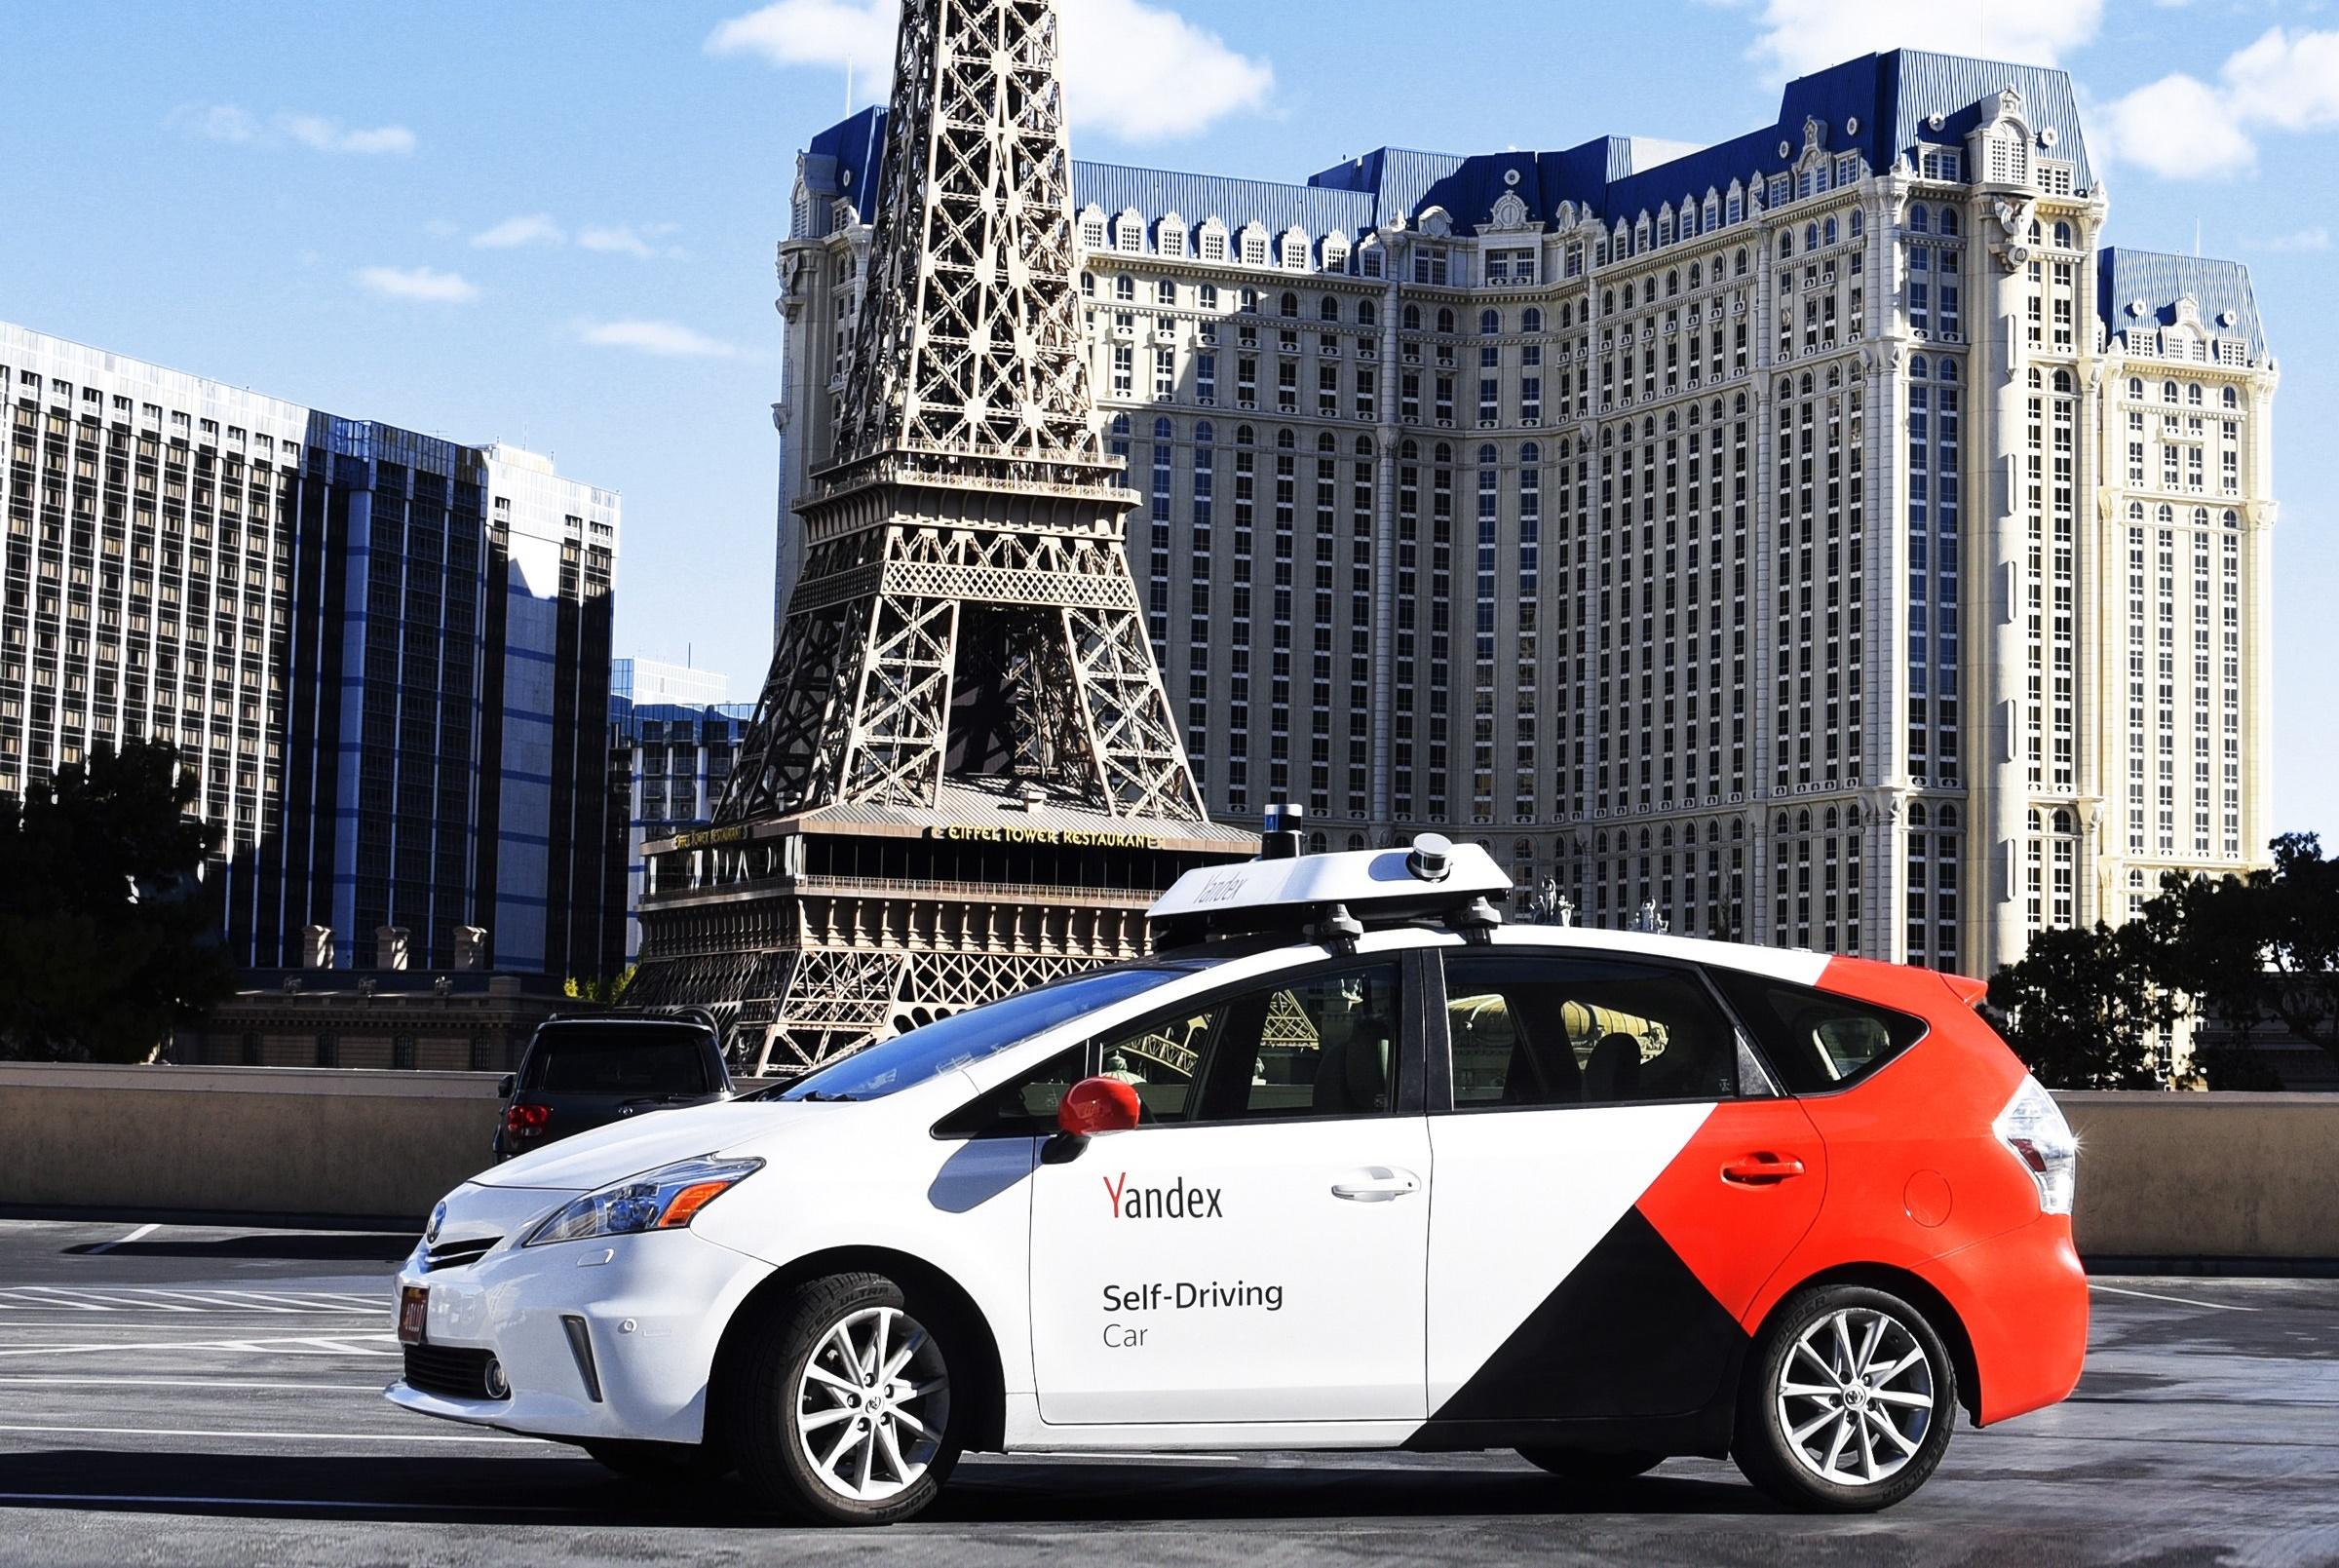 Ruski Yandex impresionirao tehnologijom autonomne vožnje